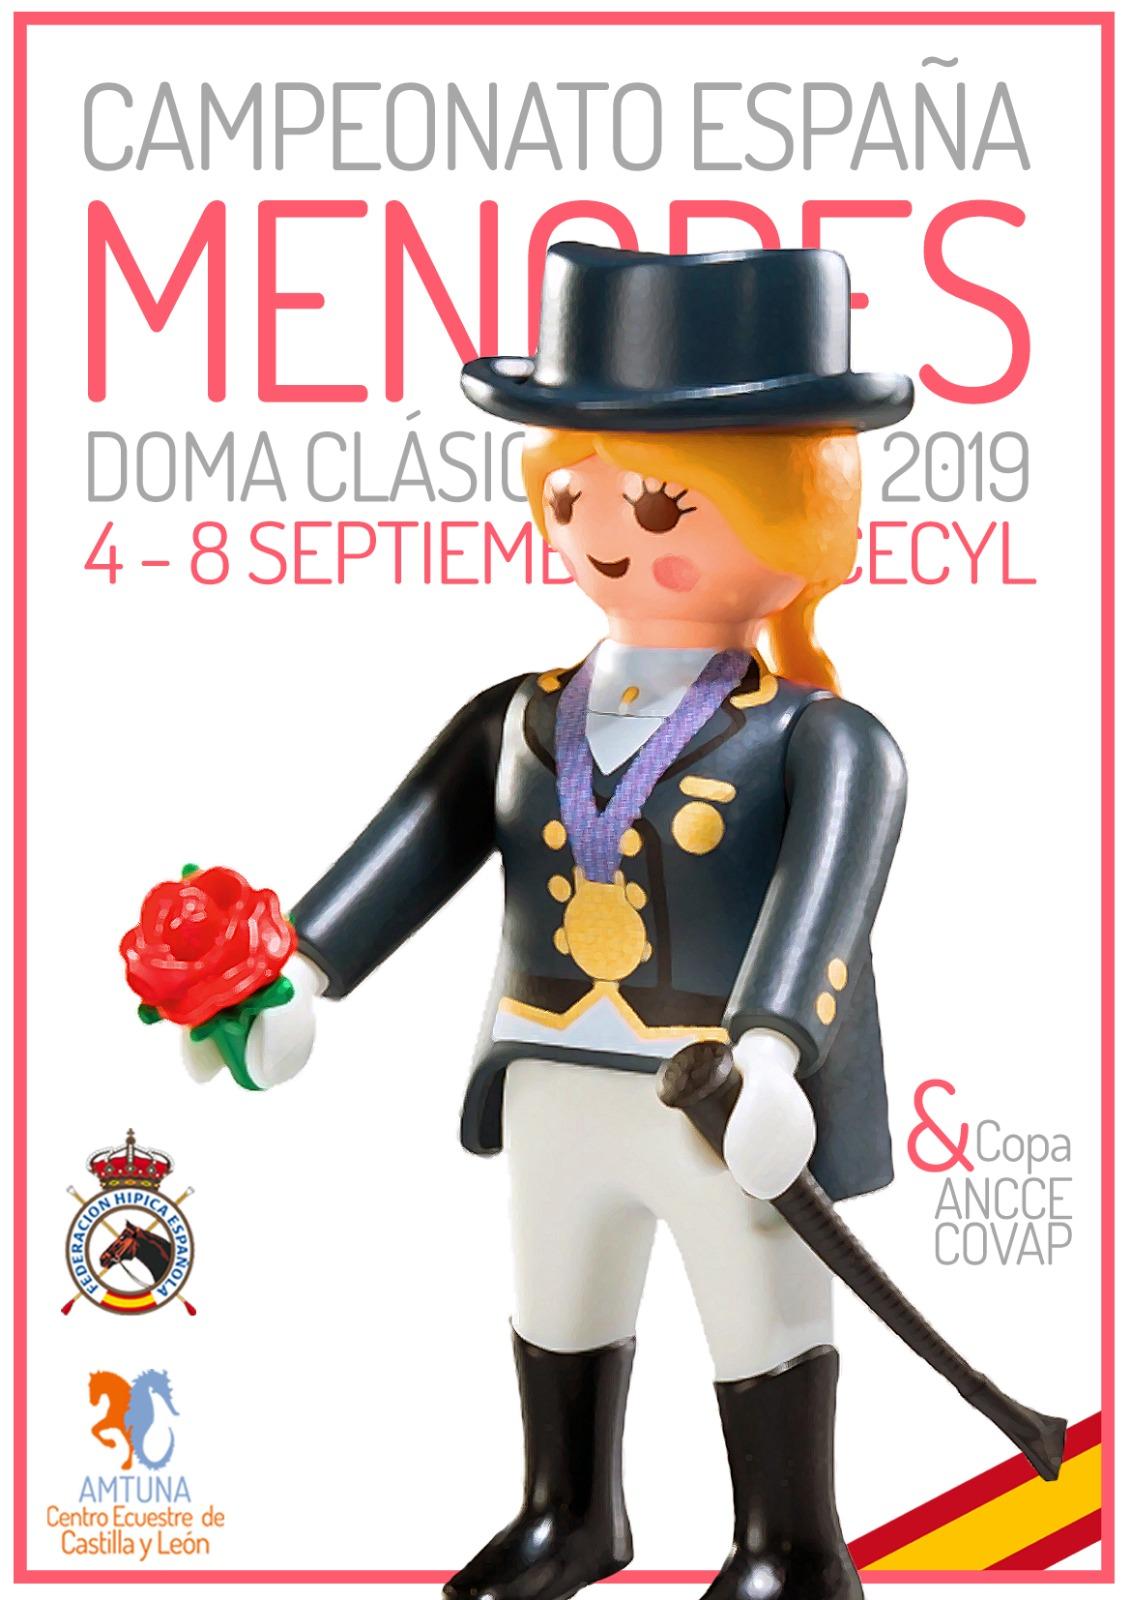 Doma Clasica Cto Espana Menores 2019 CECyL